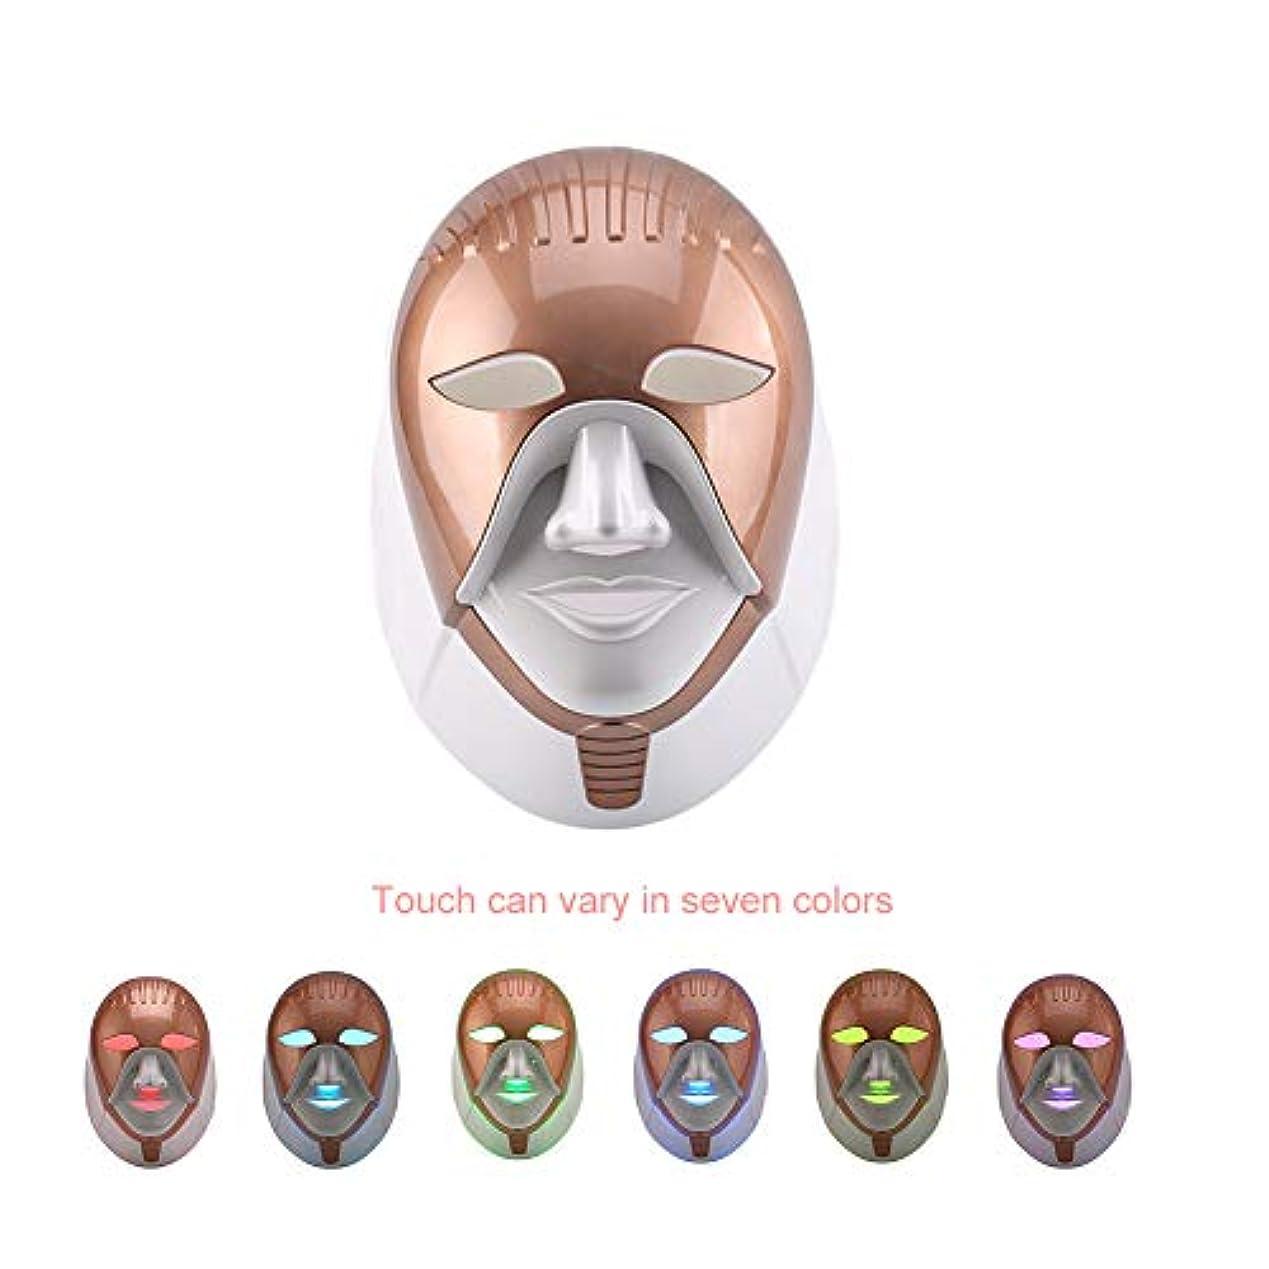 間隔宗教垂直7色led光子フェイスマスク、にきび除去しわ治療、インテリジェントタッチコントロール光子療法、美容機器にきび肌の若返り